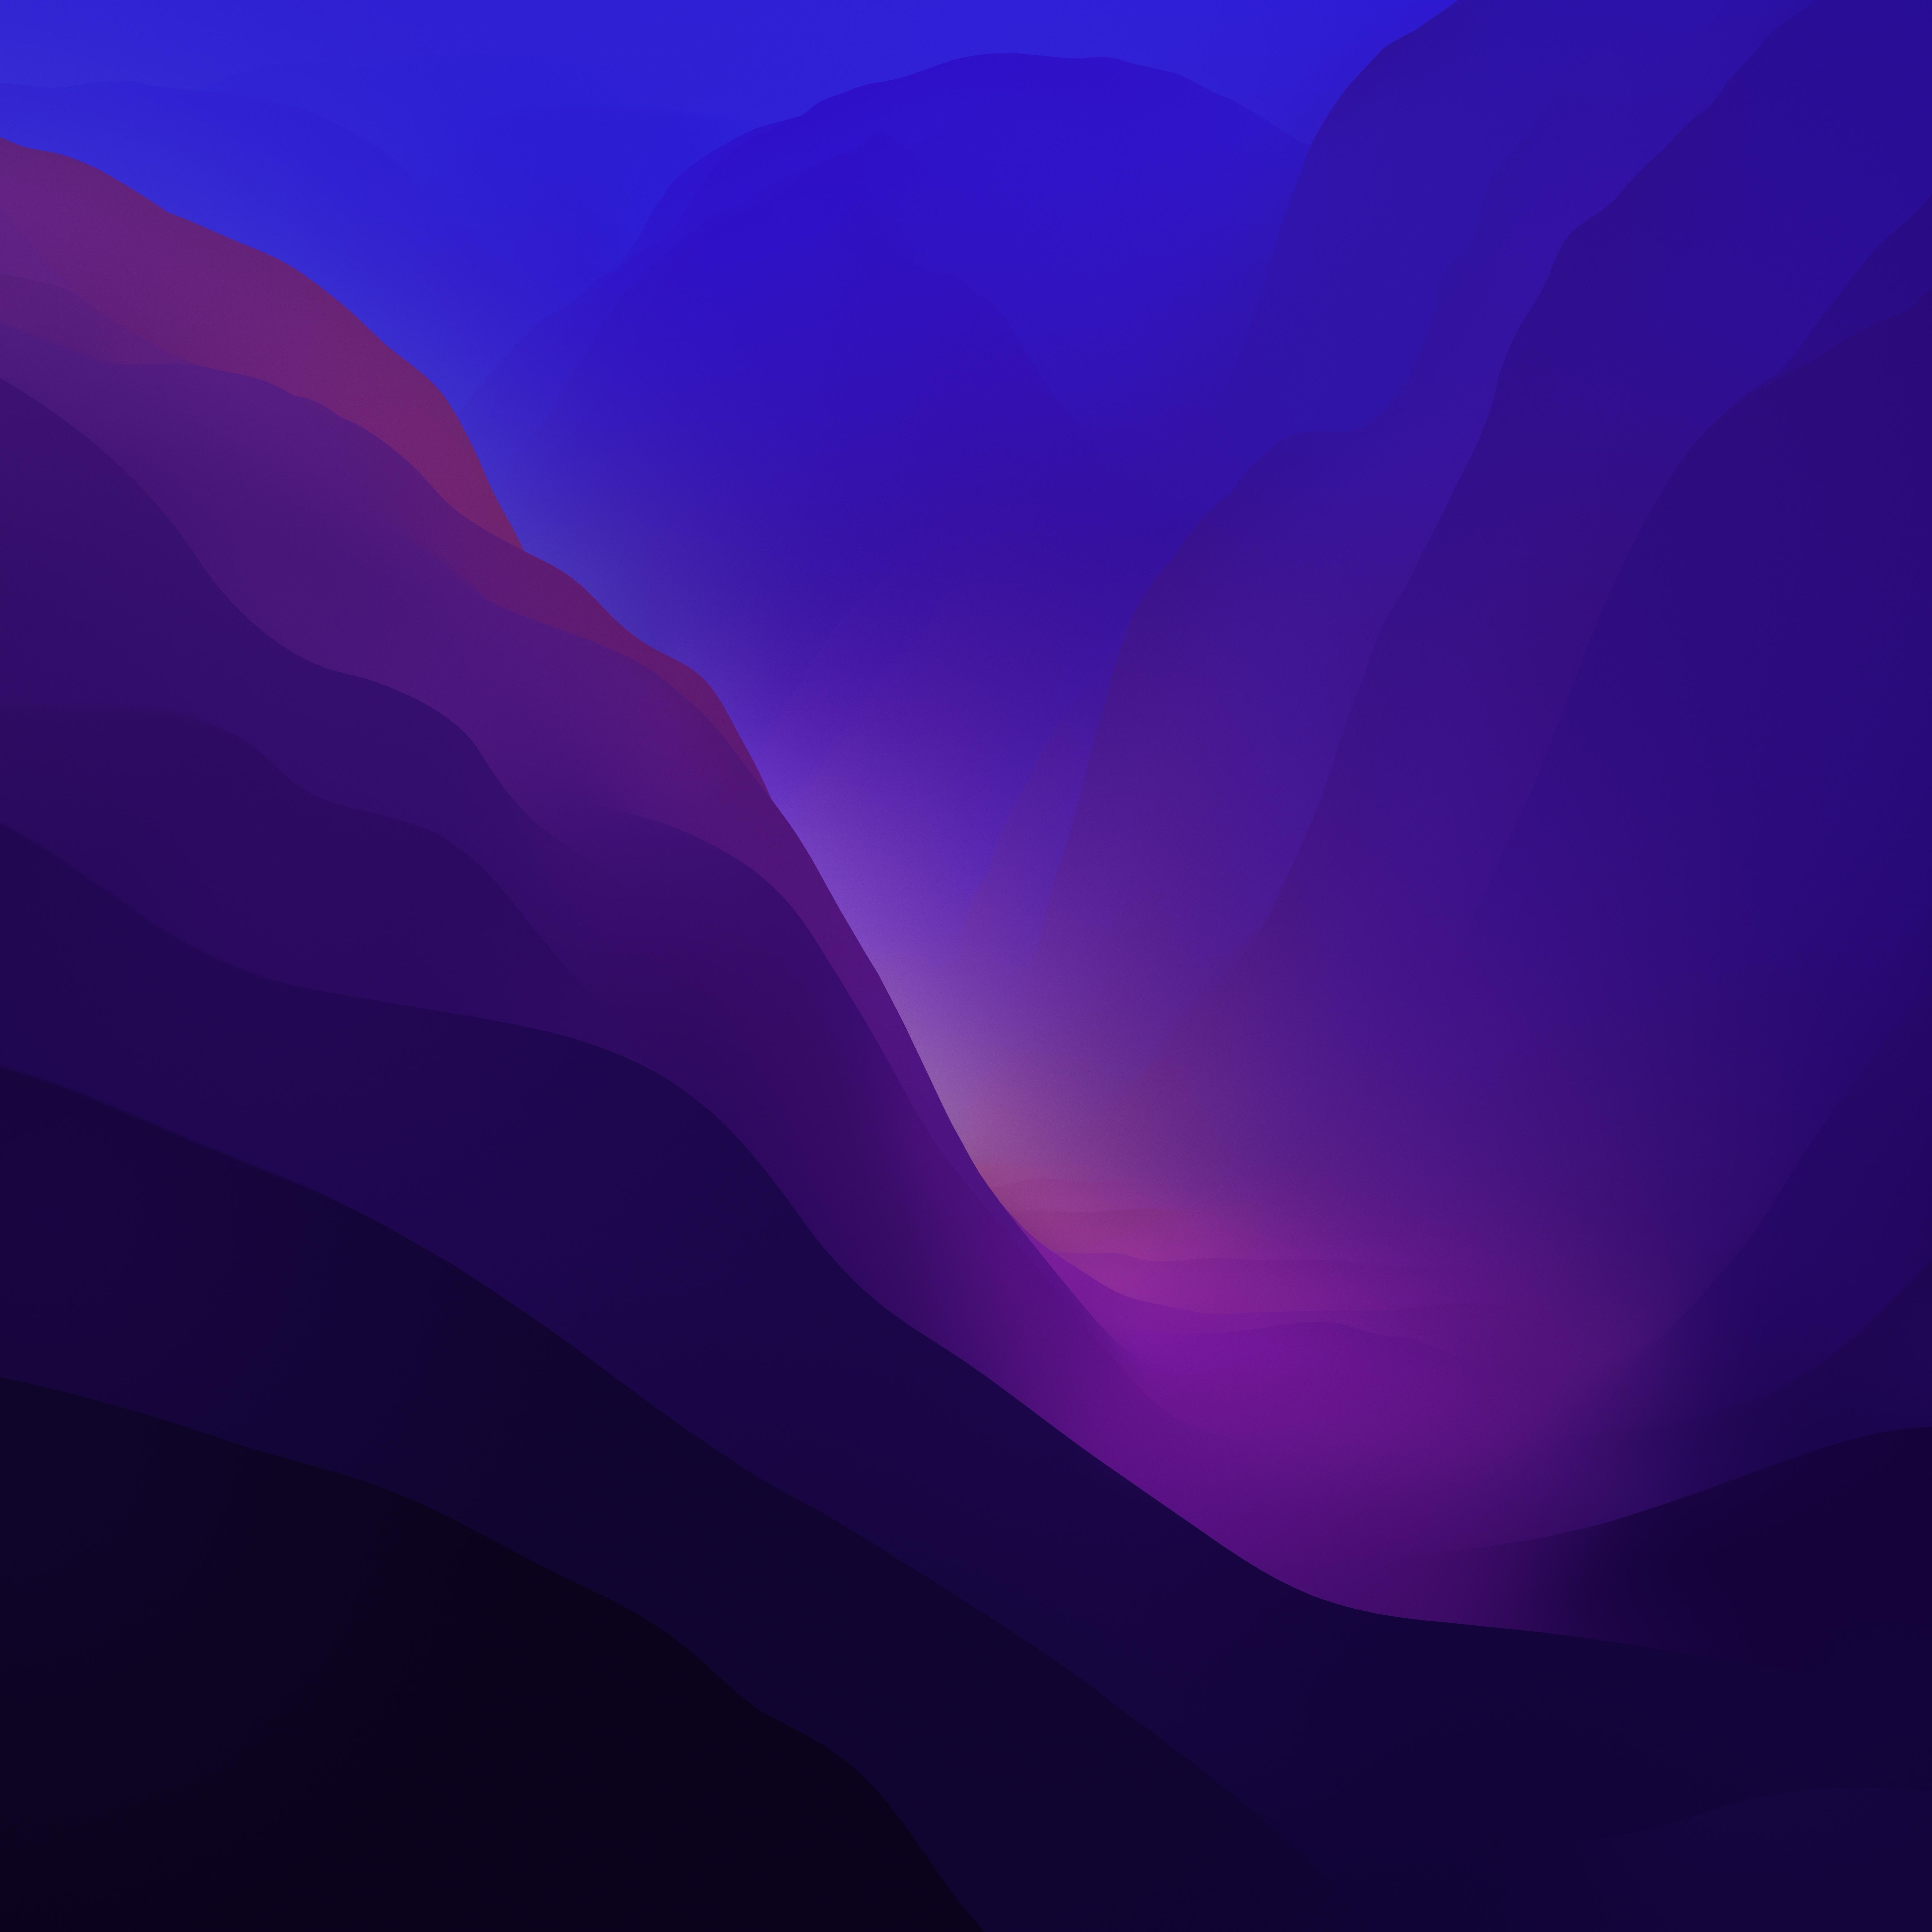 macOS Monterey wallpaper Dark